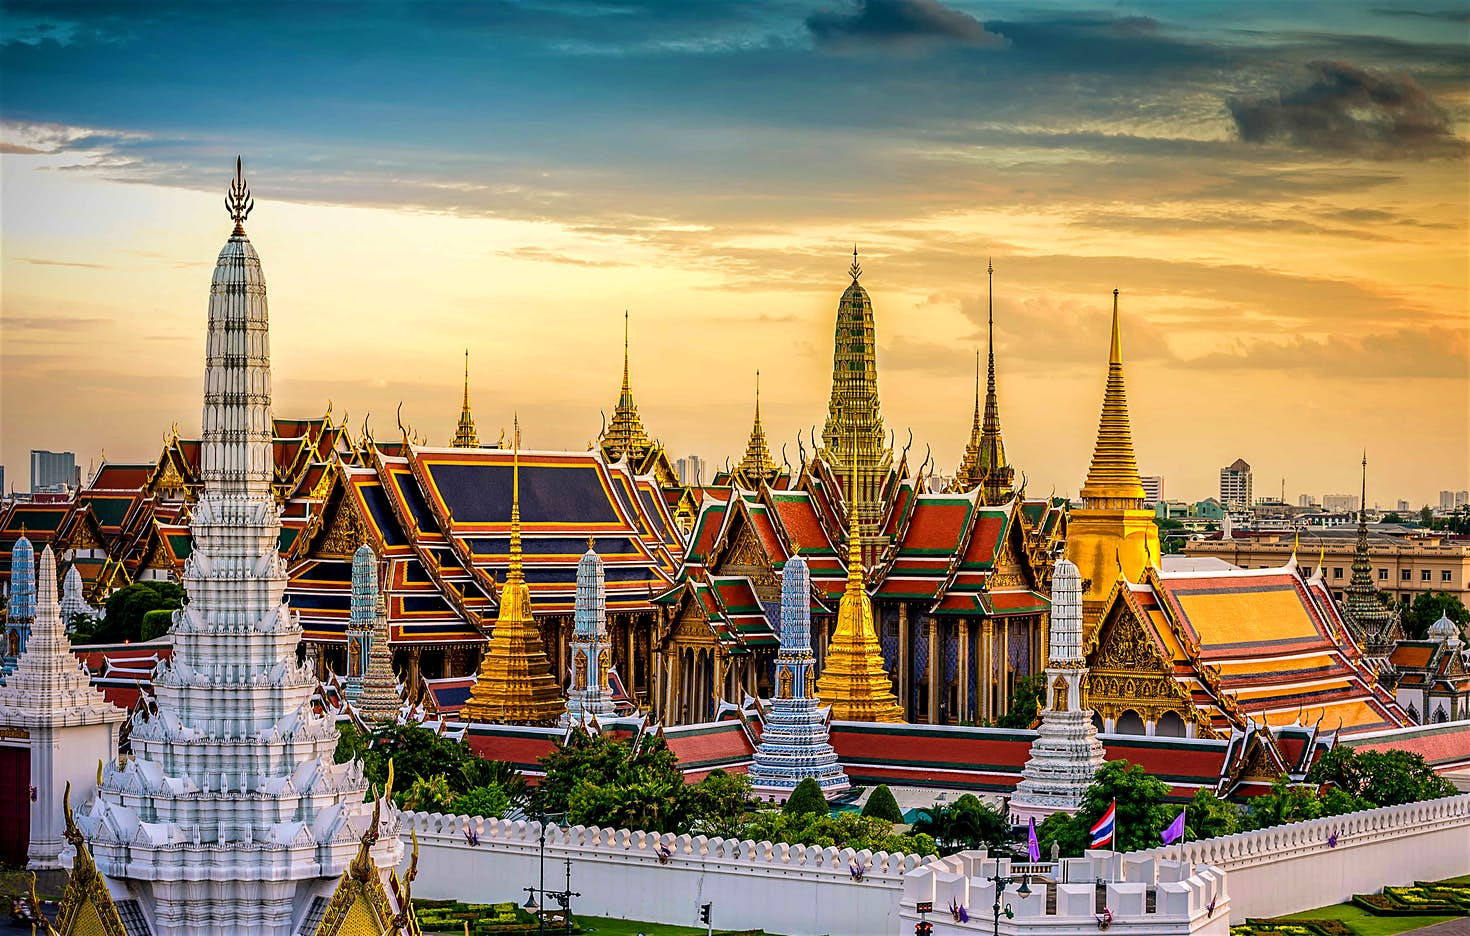 Destinos internacionales baratos para viajar cada mes - alquiler de carros en bangkok